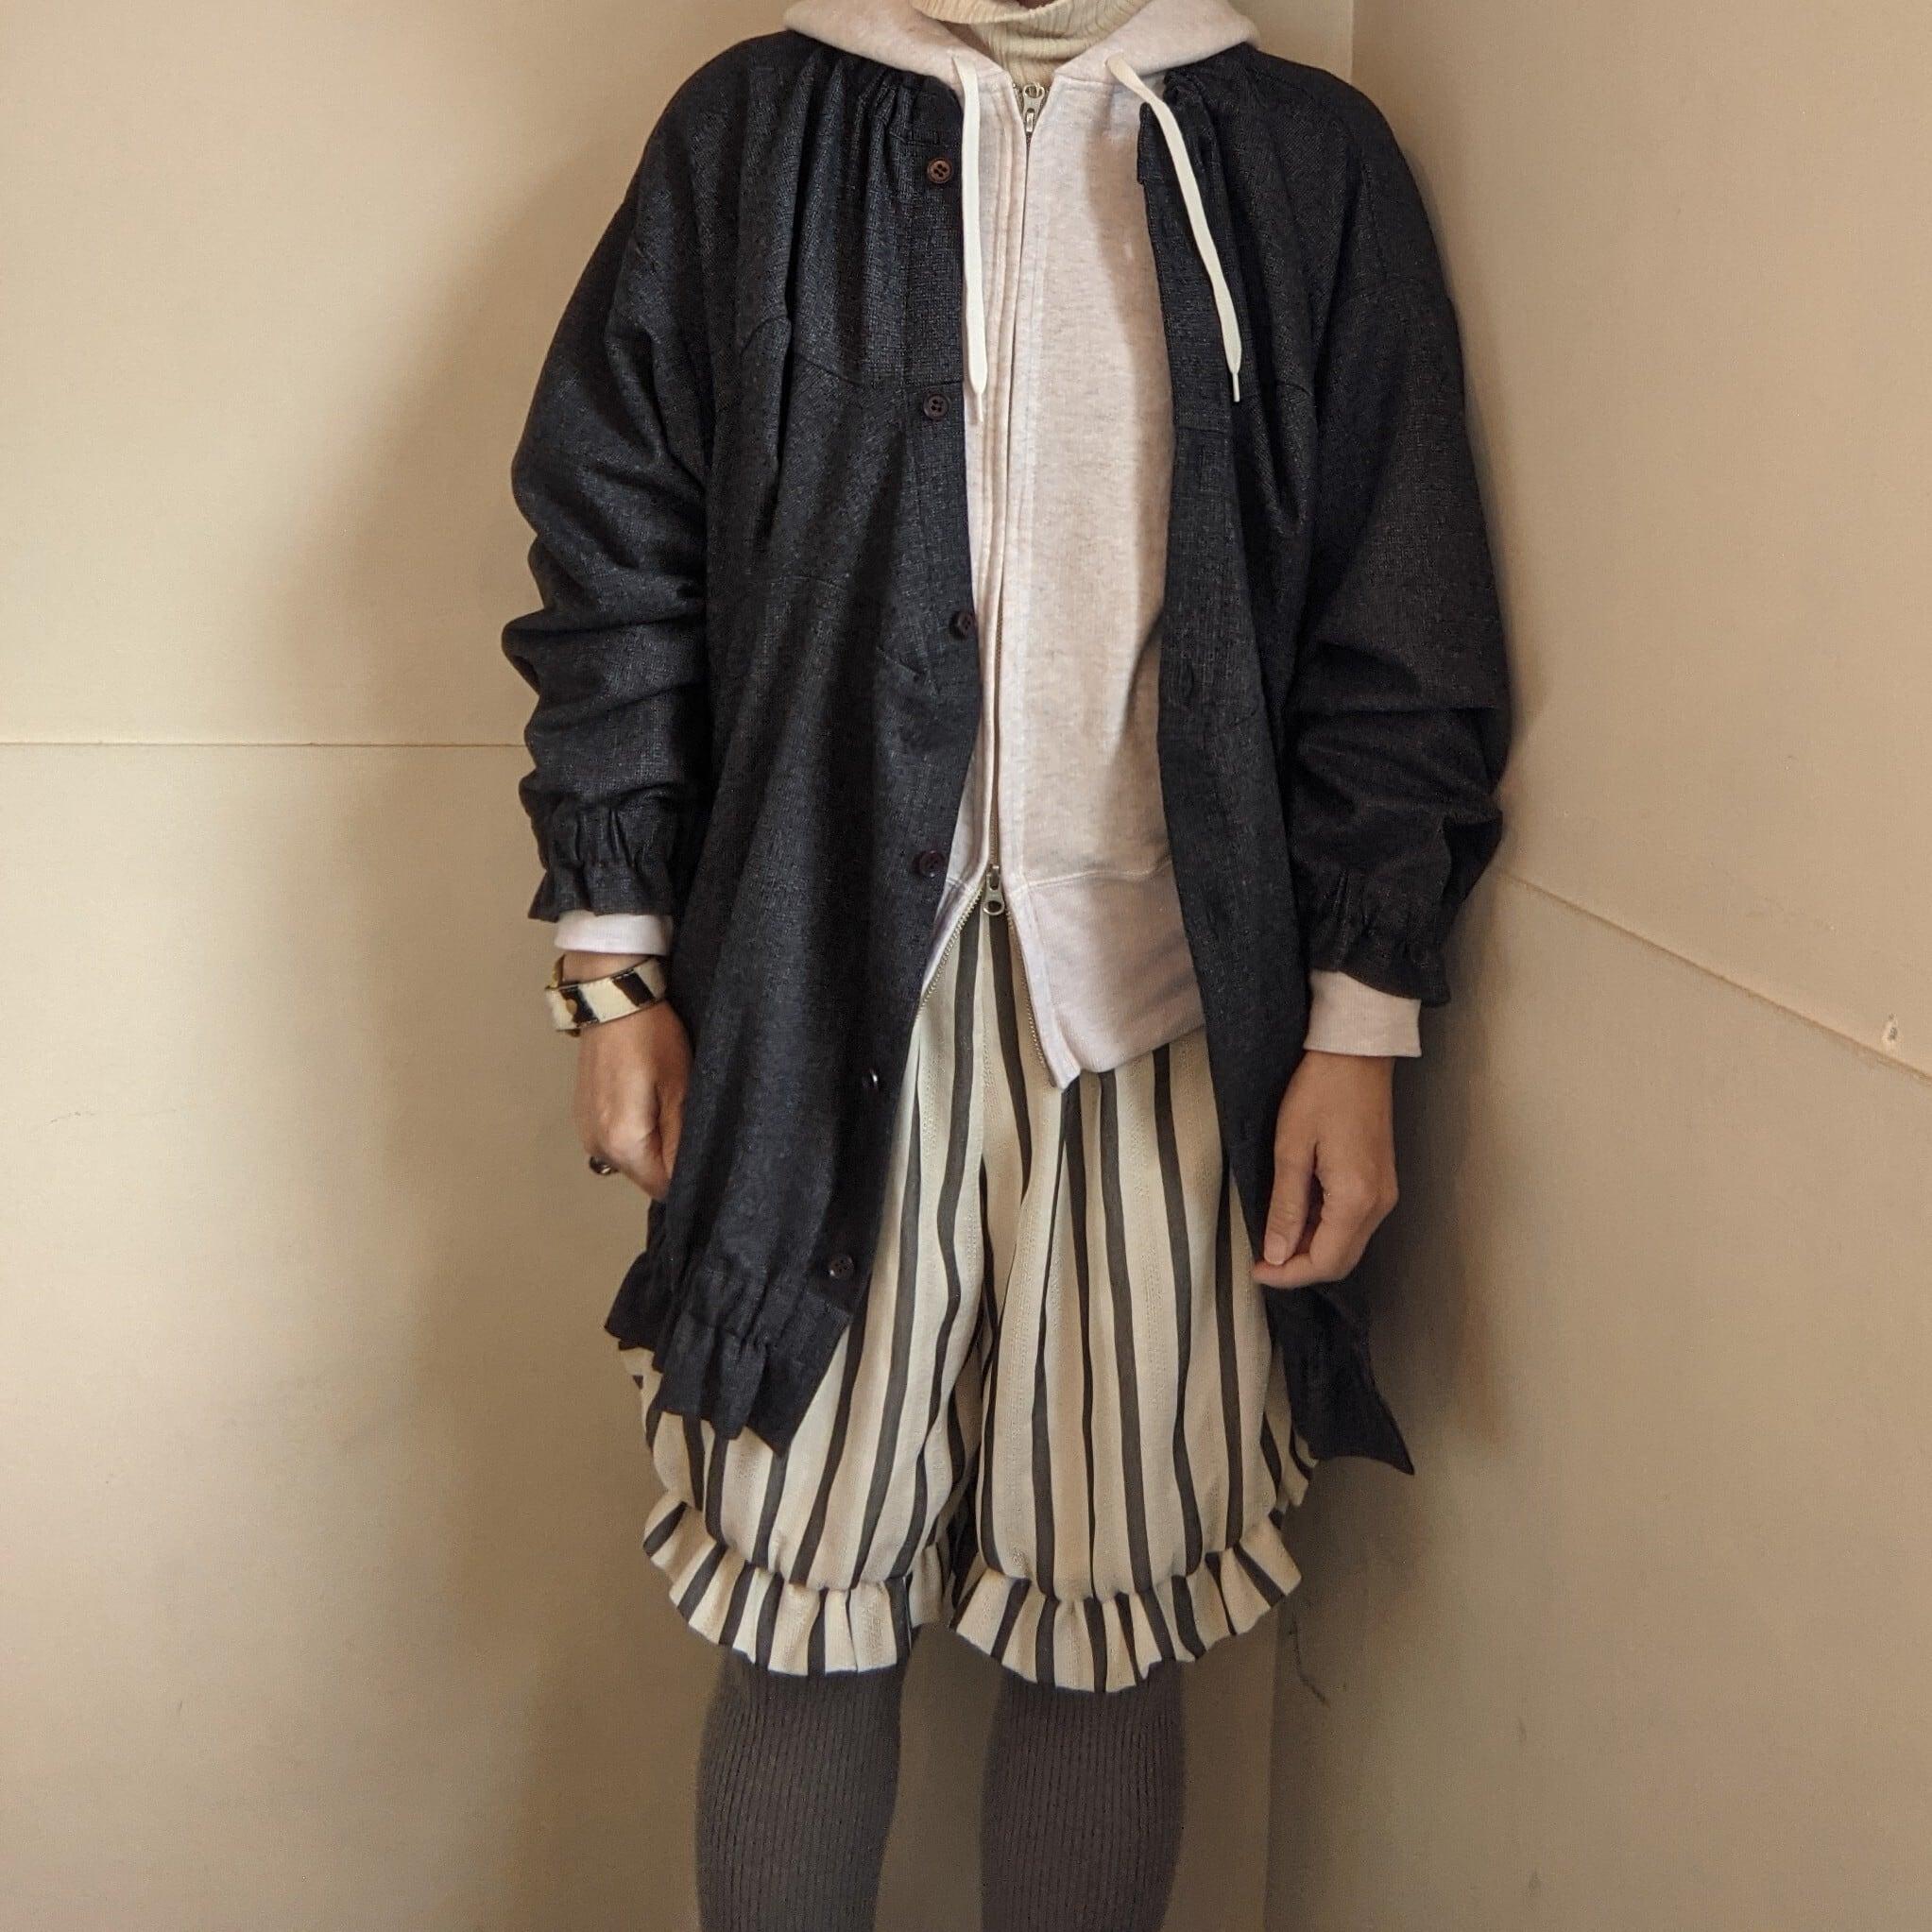 【 DANFANEUIL 】ダナファヌル / 刺繍入りフードWzipパーカー / hoodie